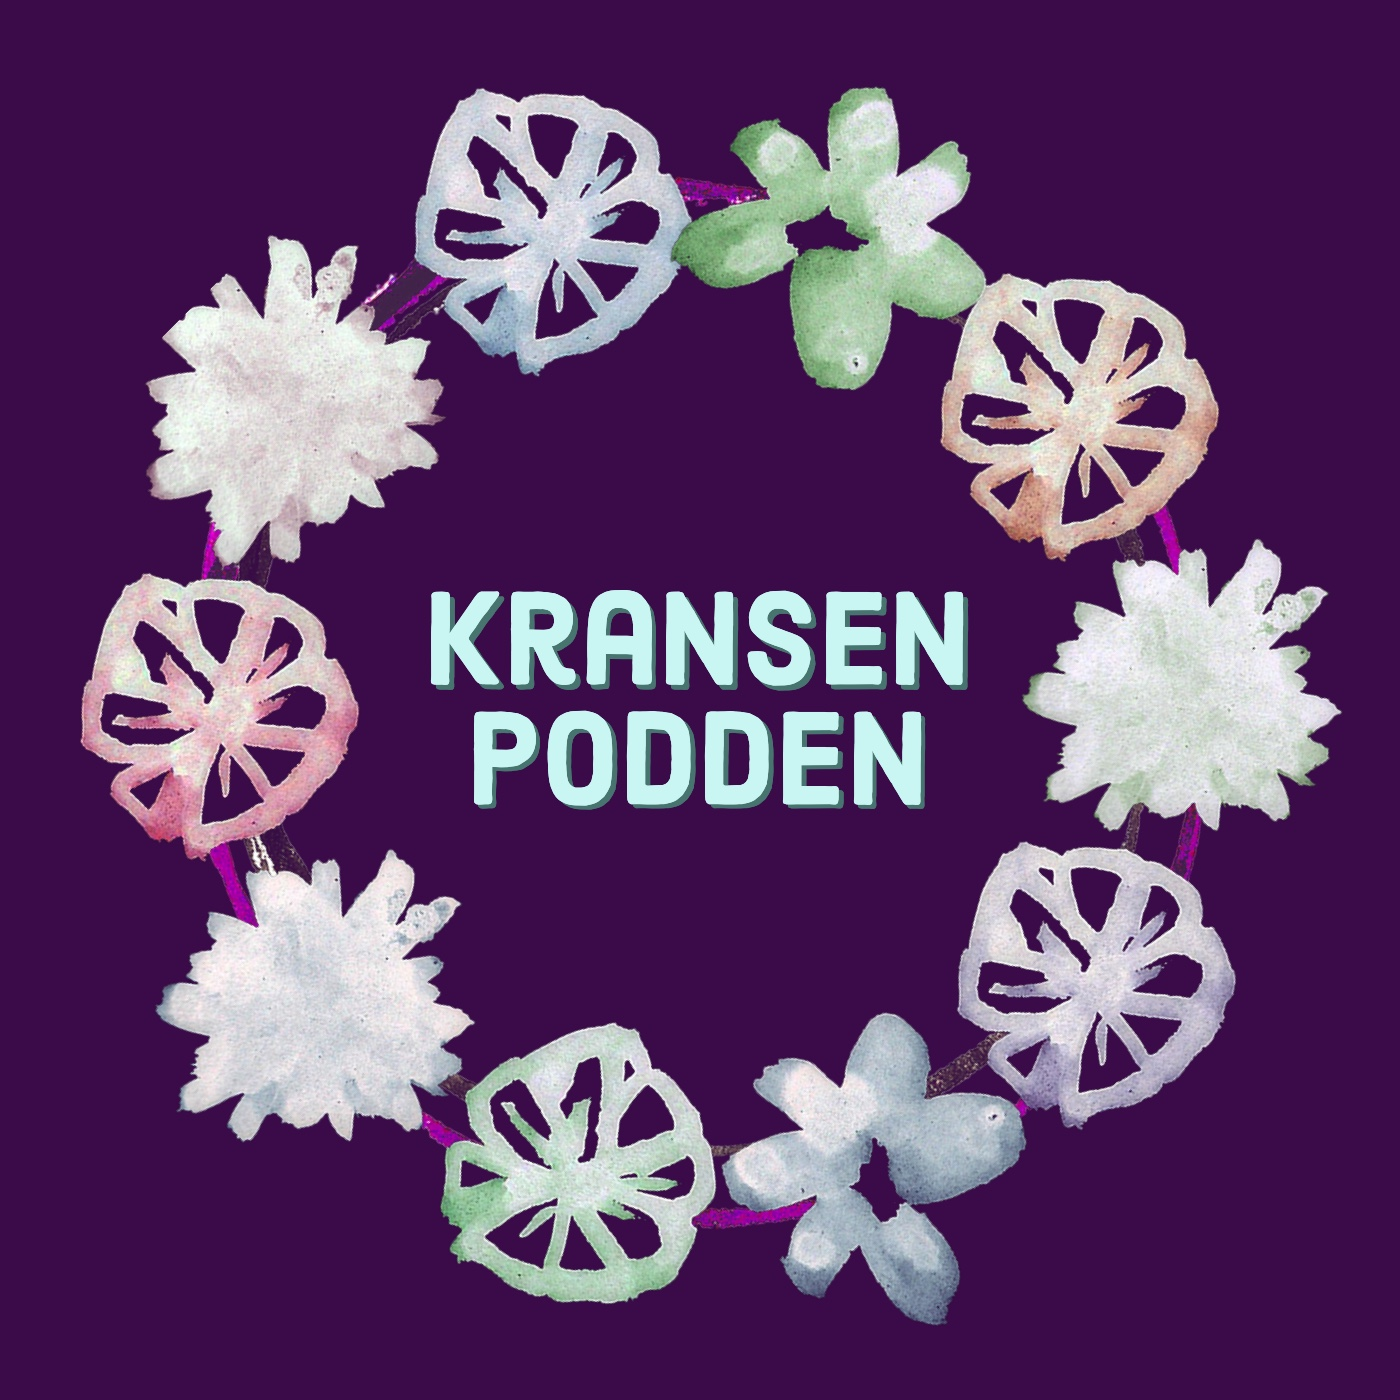 kransenpodden-logga-finished